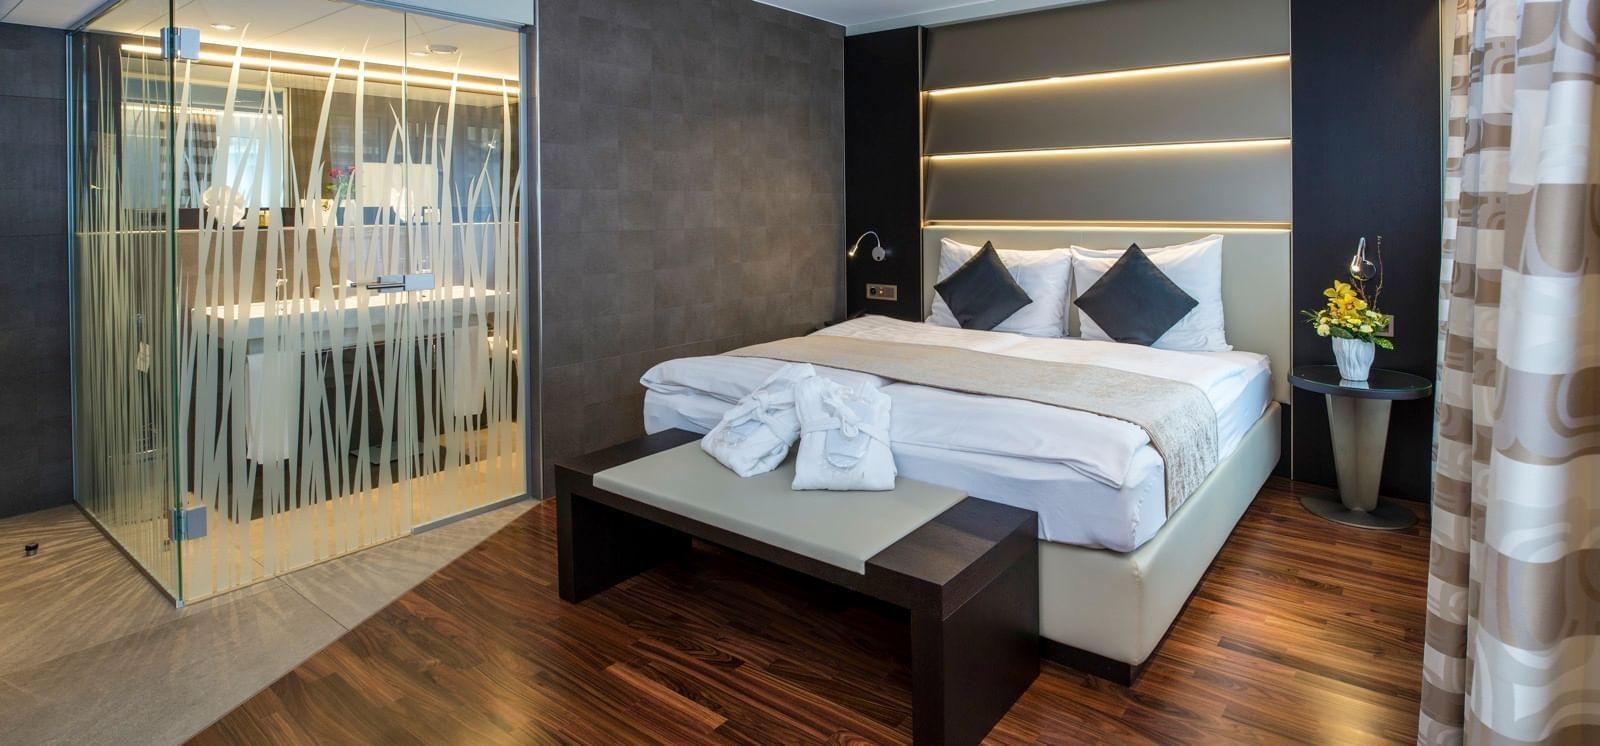 Zimmer im Hotel Krone Unterstrass in Zürich